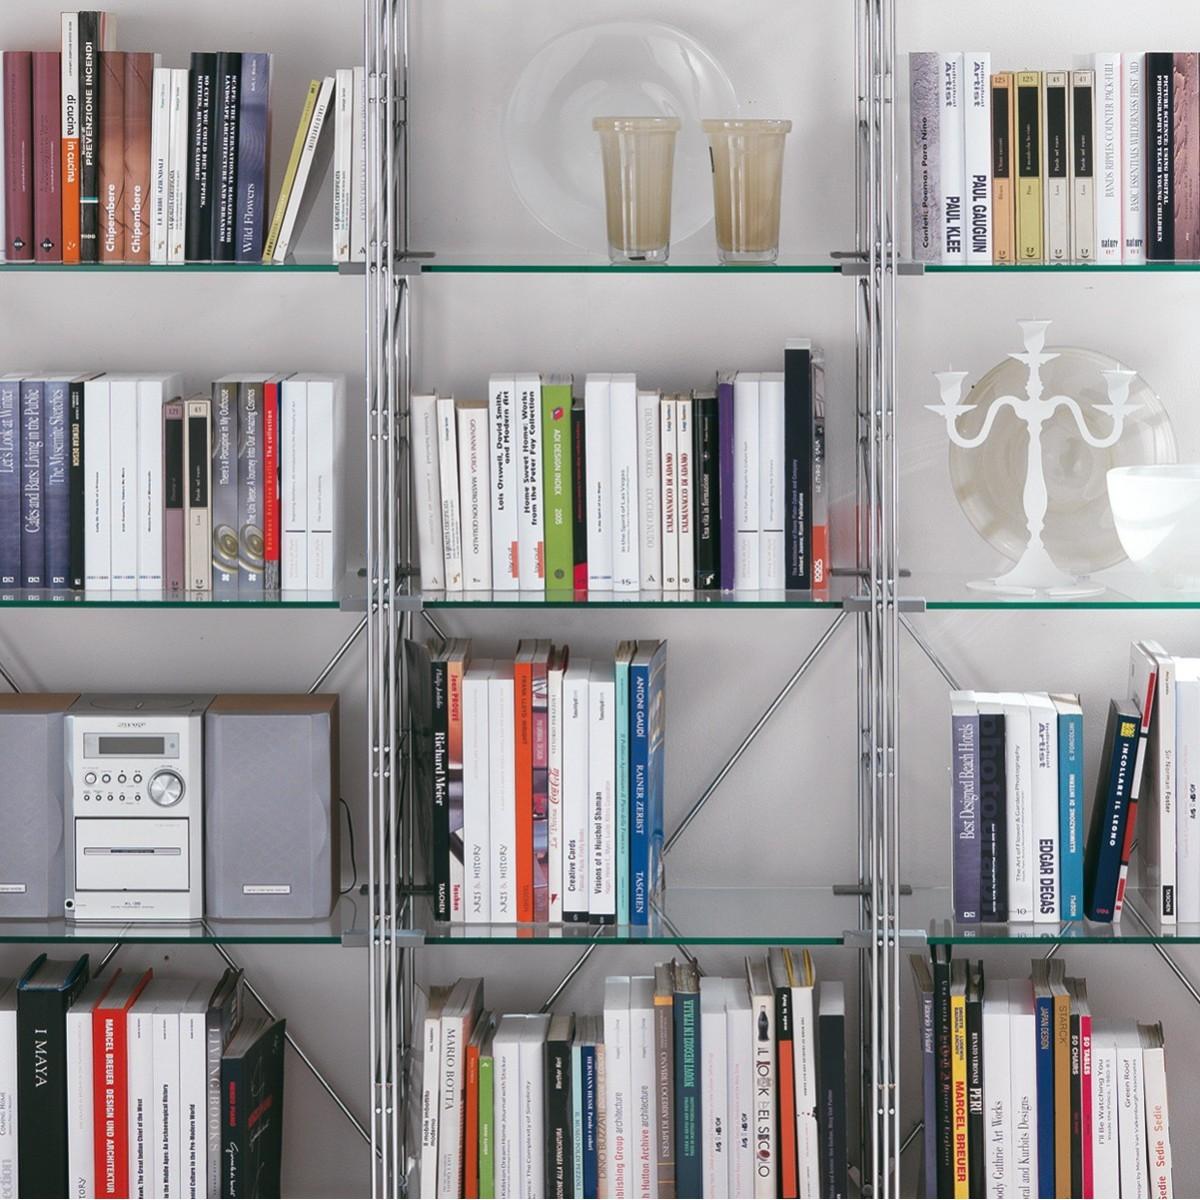 Teodor libreria per mansarda in acciaio e vetro 365 x 35 x ...